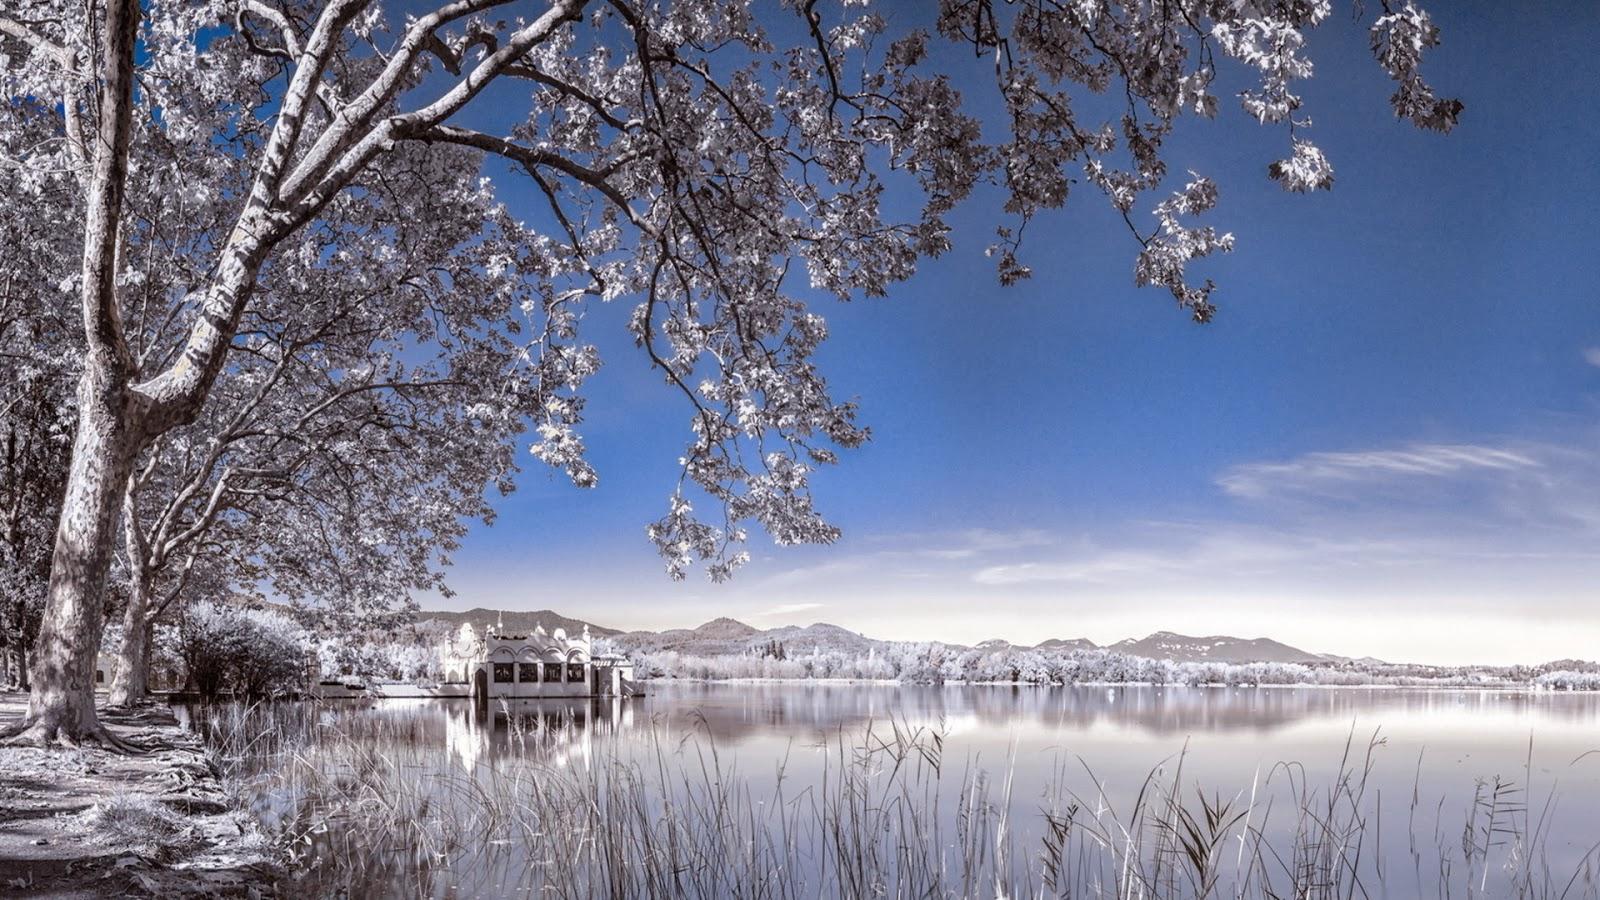 Winter Scenes Wallpapers Backgrounds 1600x900